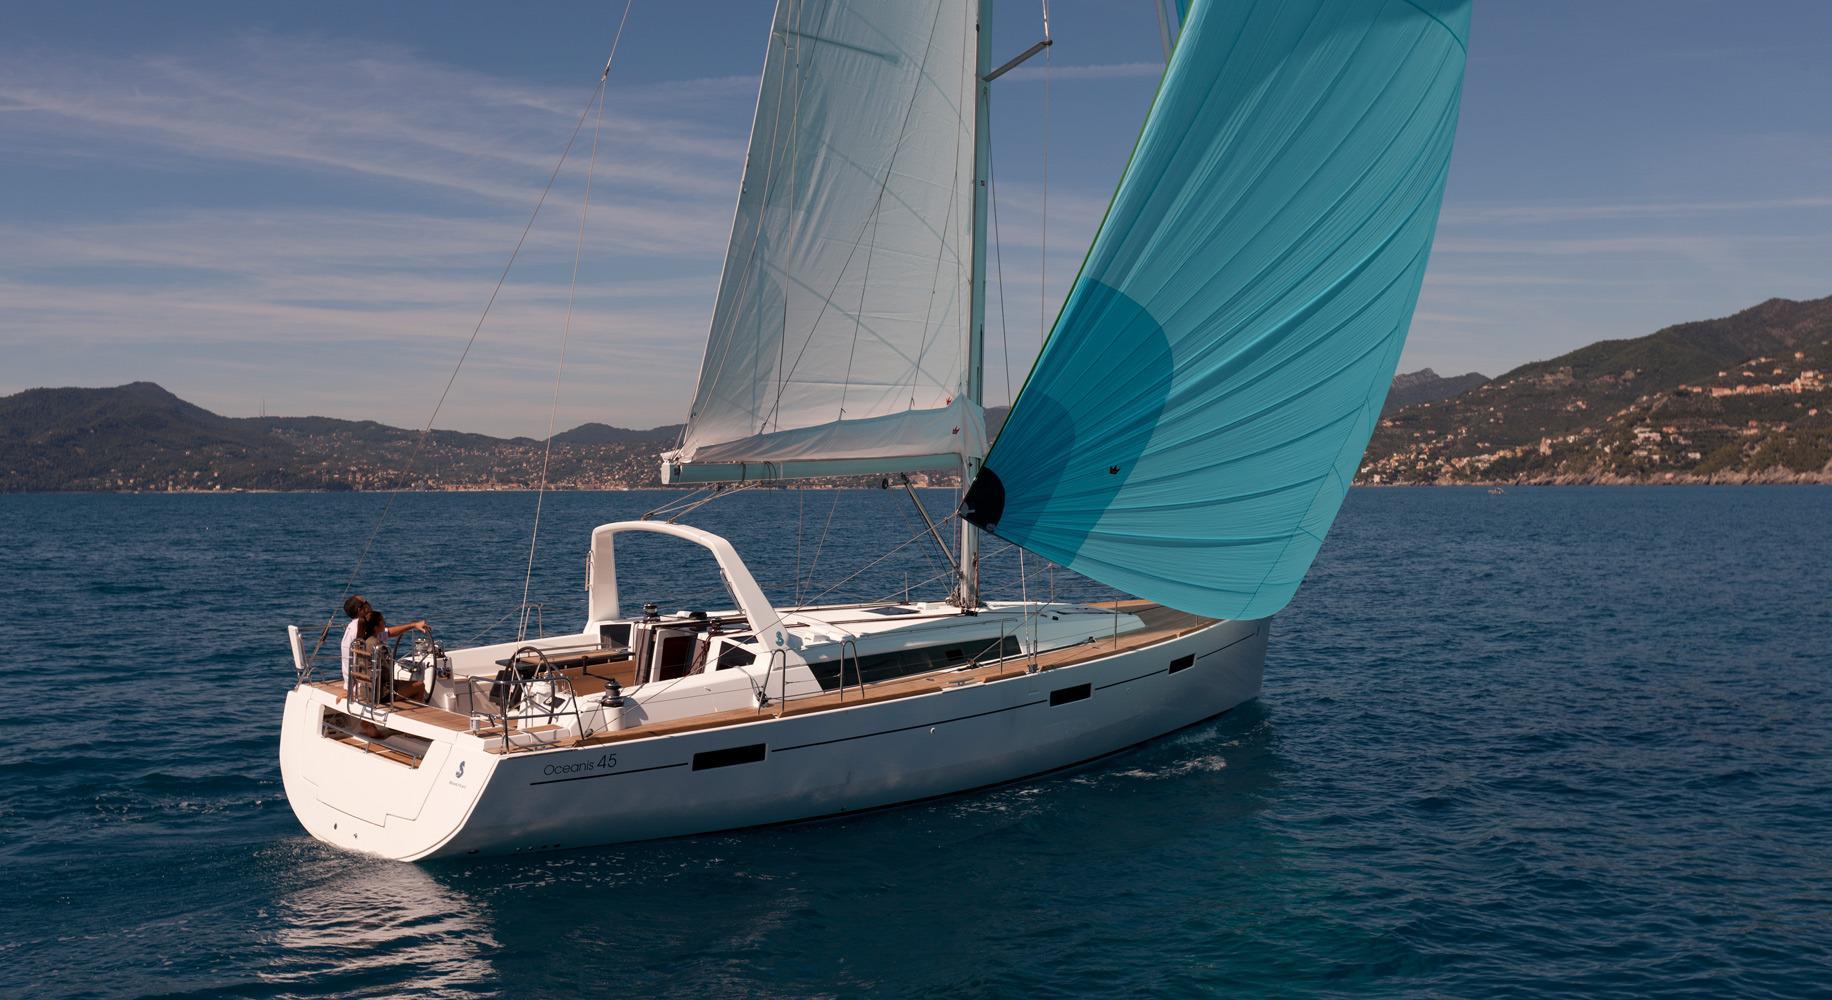 2016 Beneteau Oceanis 45 Sail Boat For Sale Www